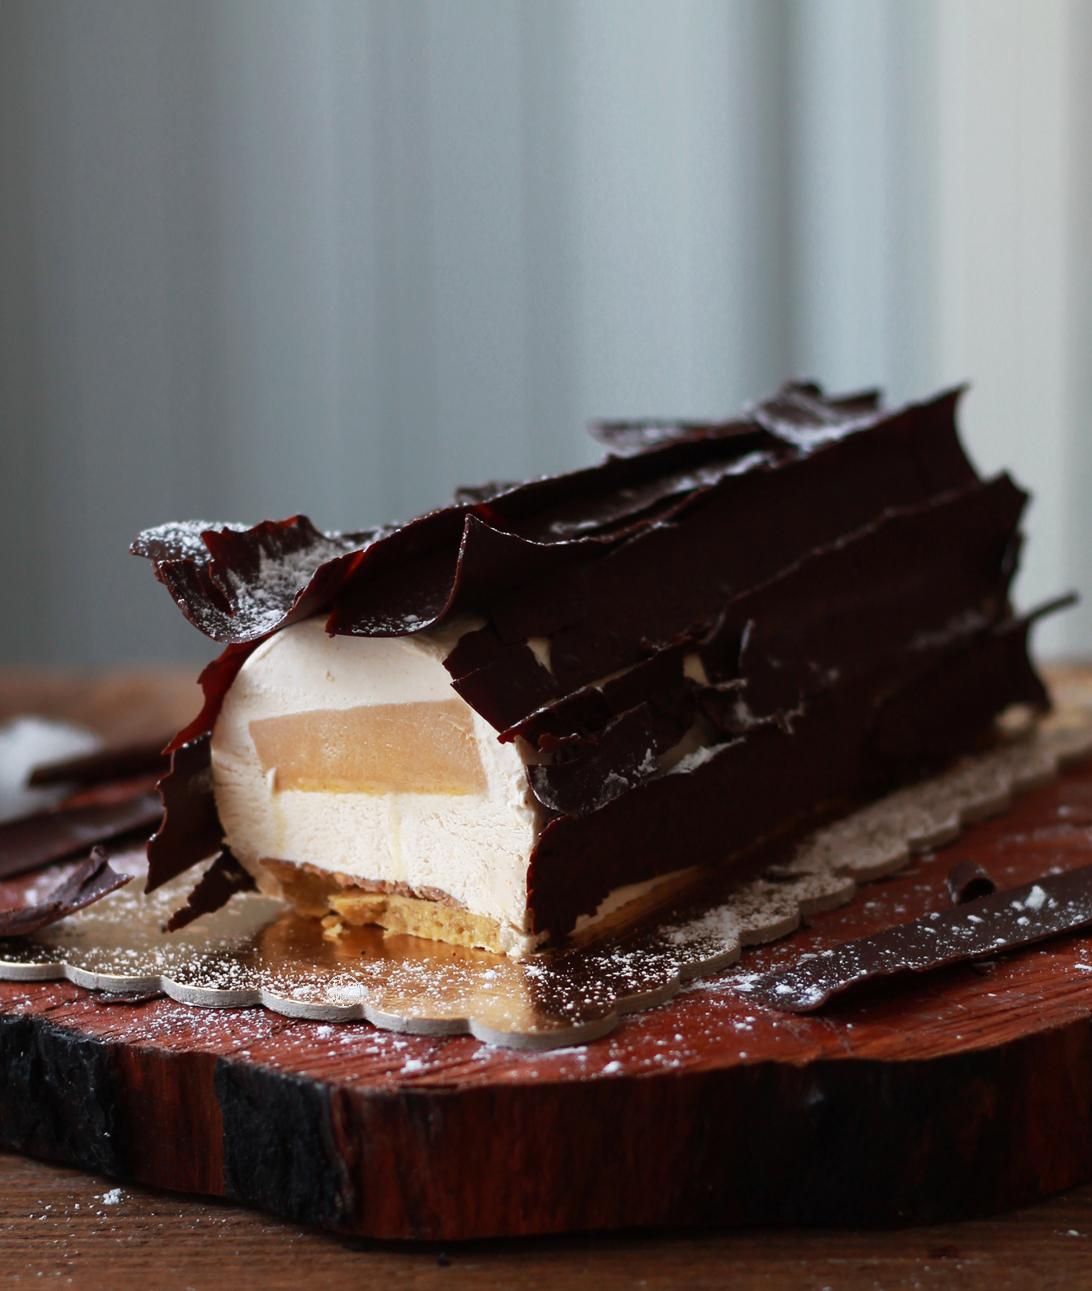 Tronchetto vaniglia e caramello senza glutine - La Cassata Celiaca